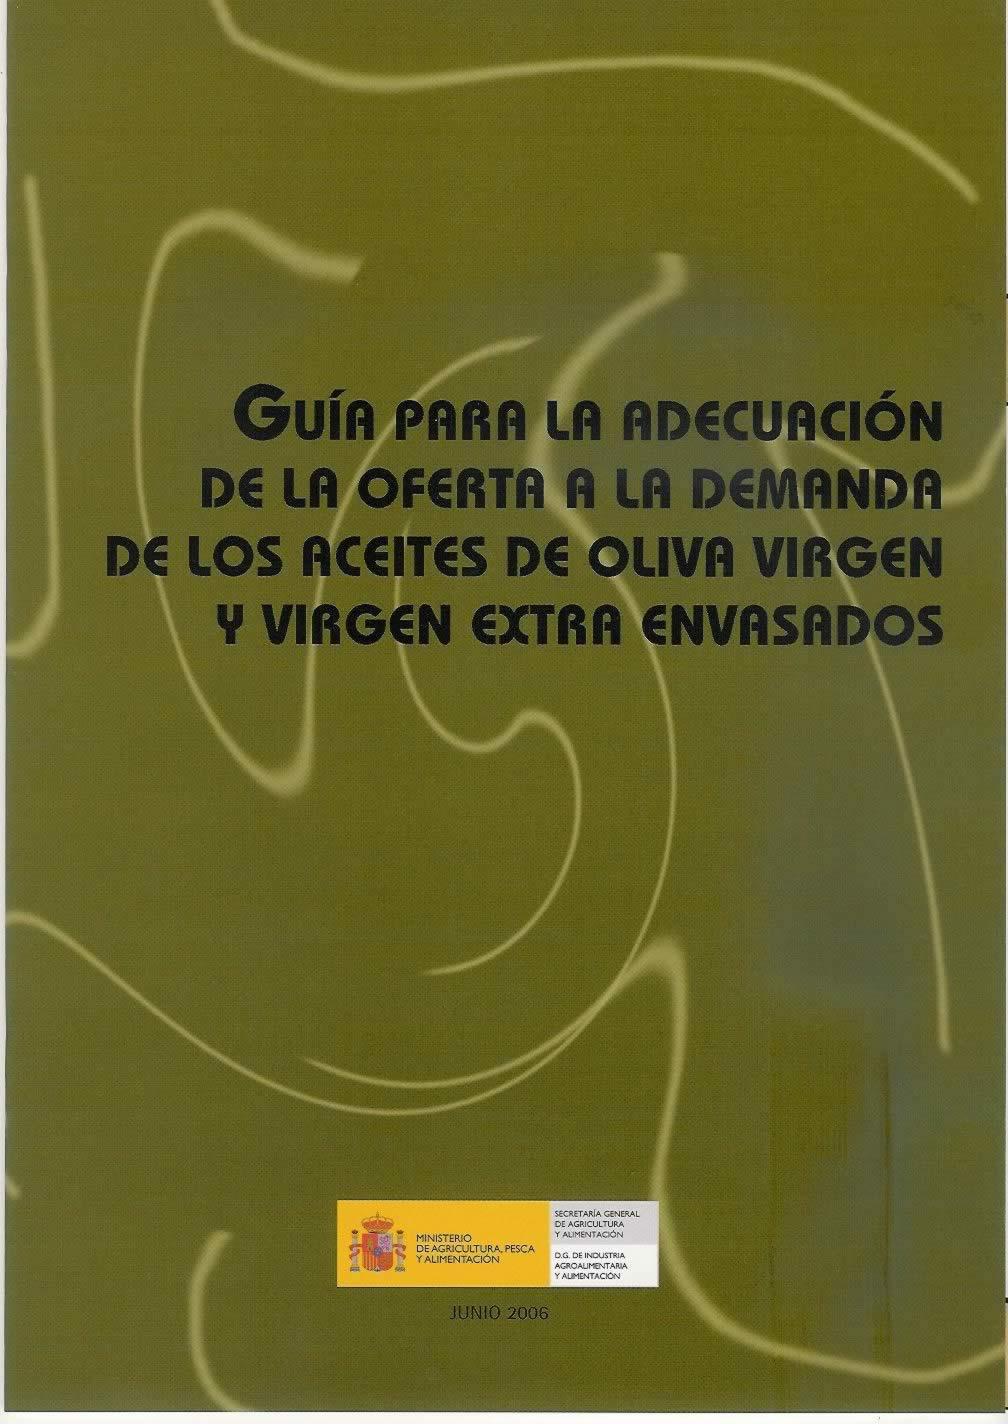 Guia para la educación de la oferta a la demanda de los aceites de oliva virgen y virgen extra envasados.